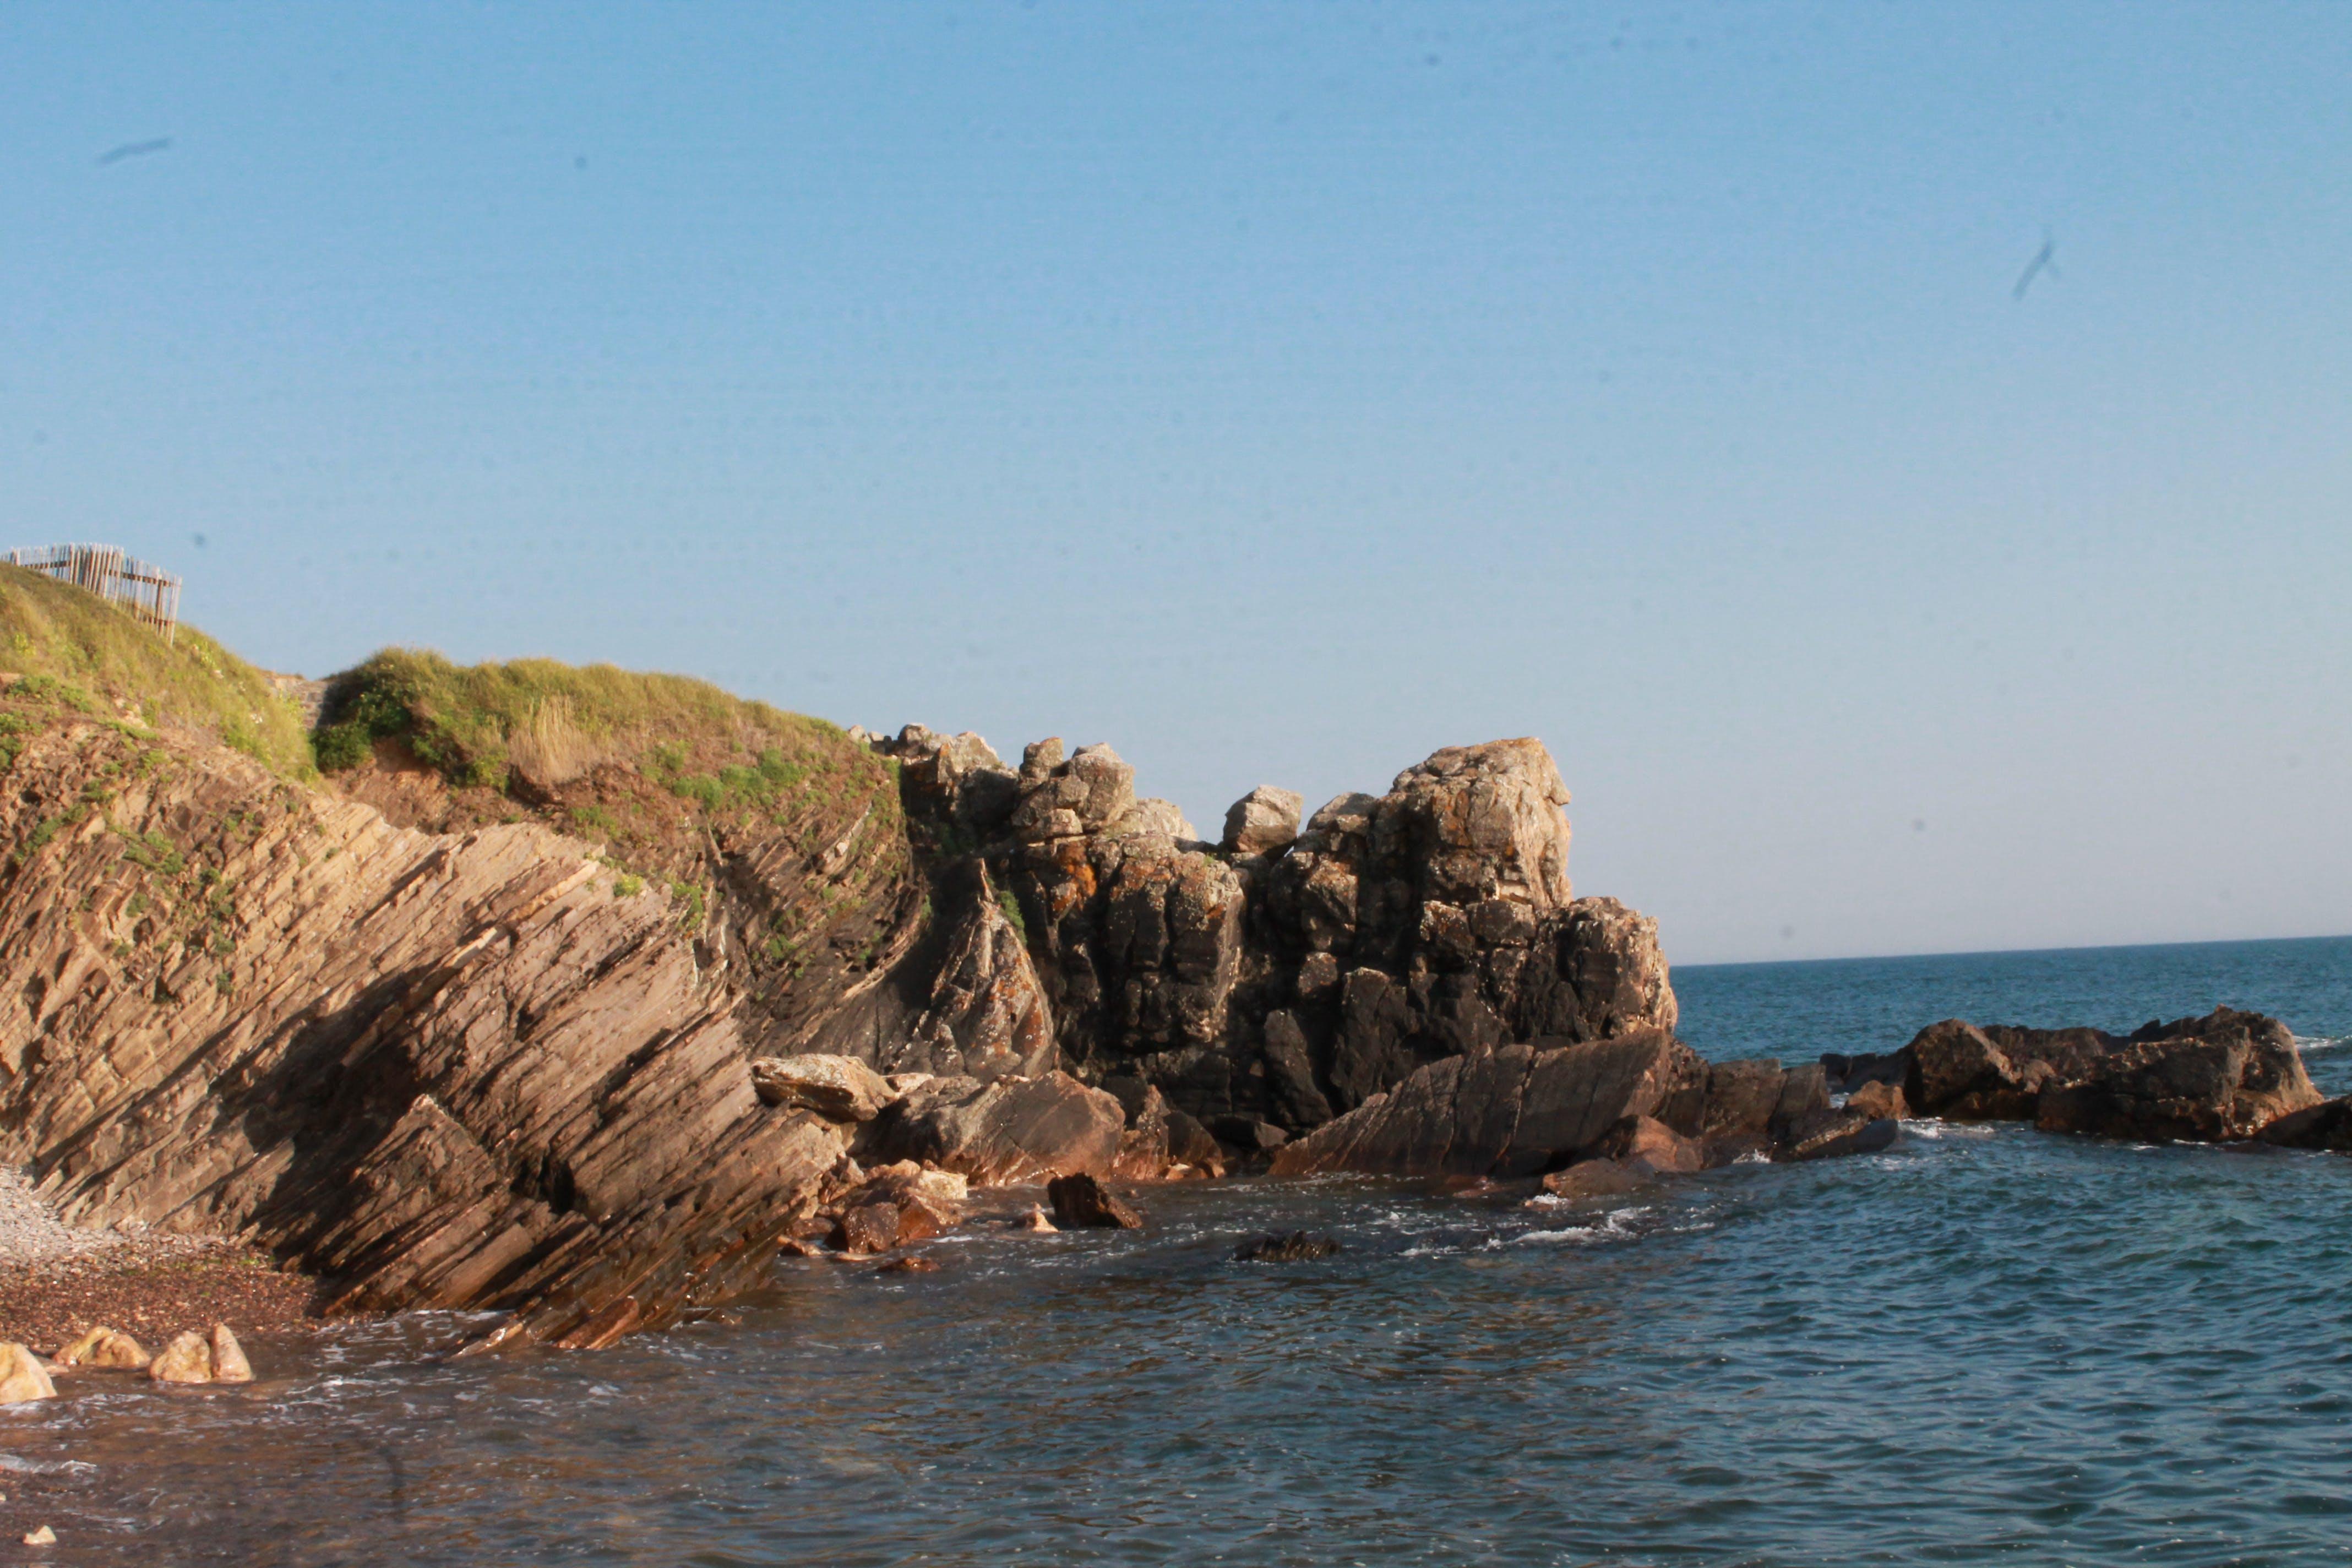 바다, 바위, 산, 증오의 무료 스톡 사진